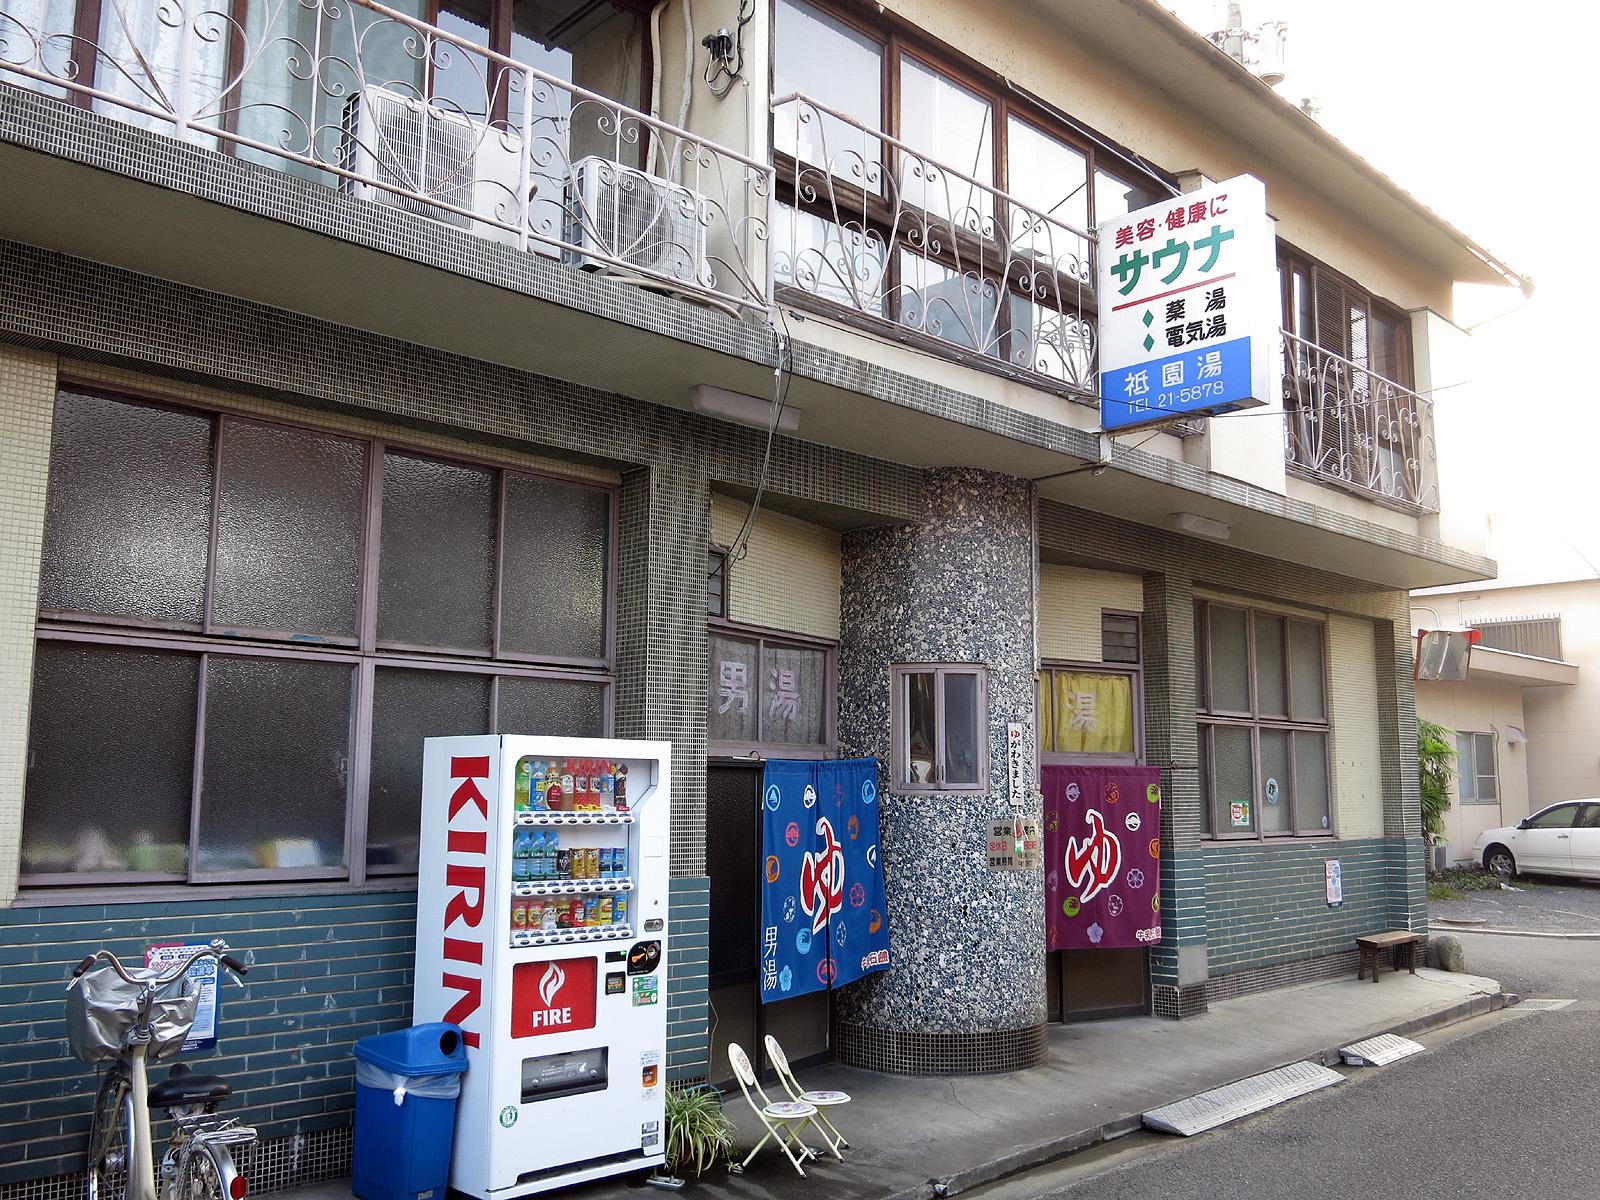 20131031_1 祇園湯 愛媛県松山市祇園町9-23(2013_1031_163253)